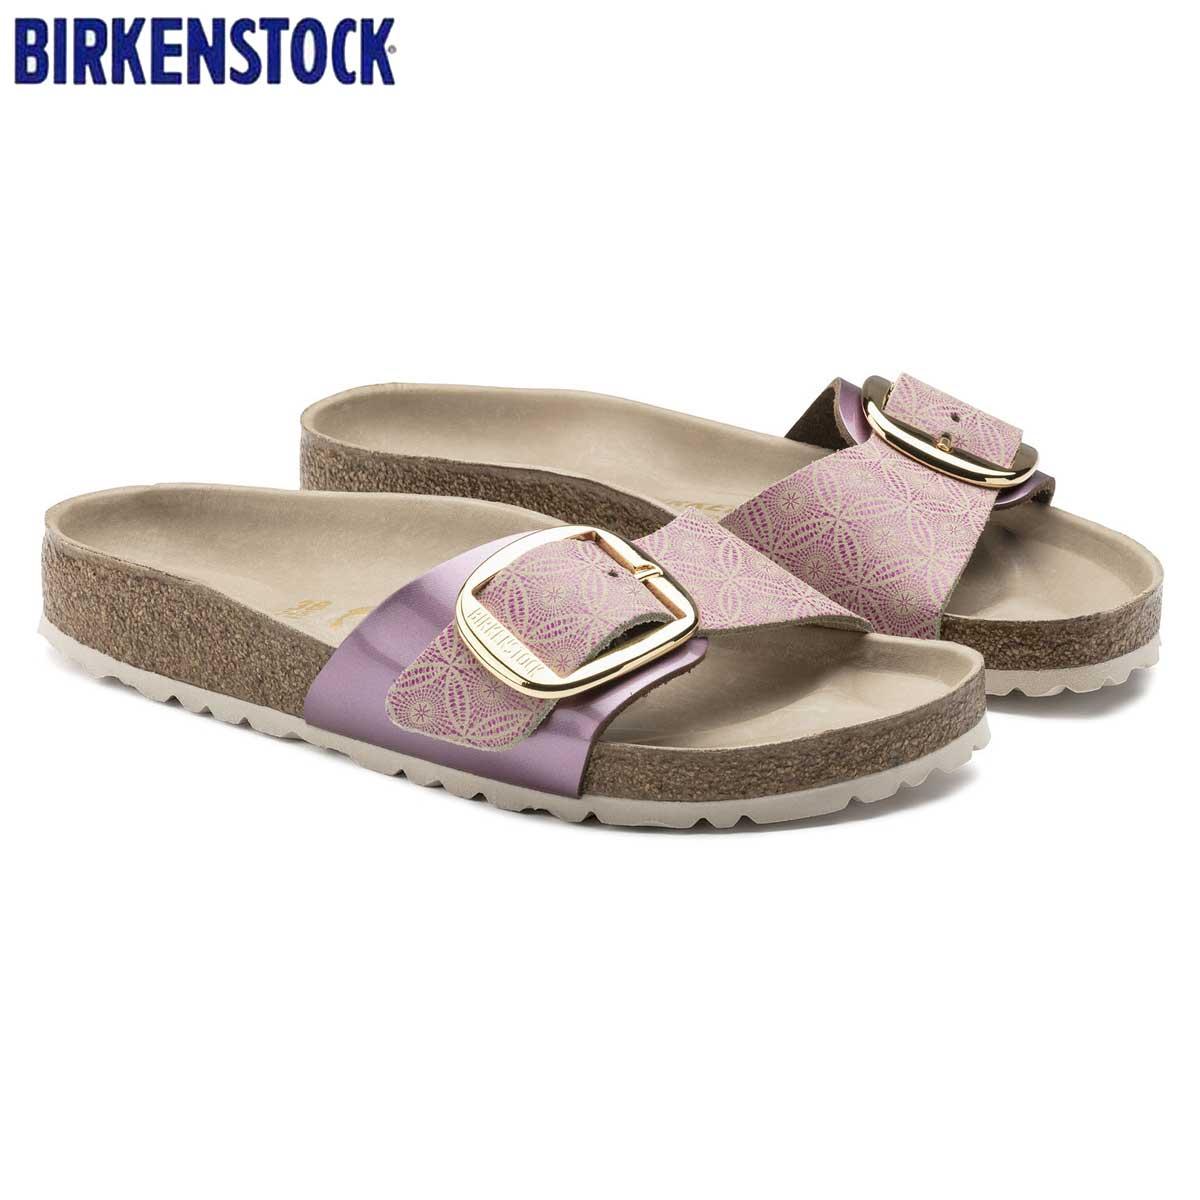 ビルケンシュトック BIRKENSTOCK MADRID Big Buckle(マドリッド) GC 1009035 セラミックパターン ローズ(レディース)「正規輸入品」 「靴」